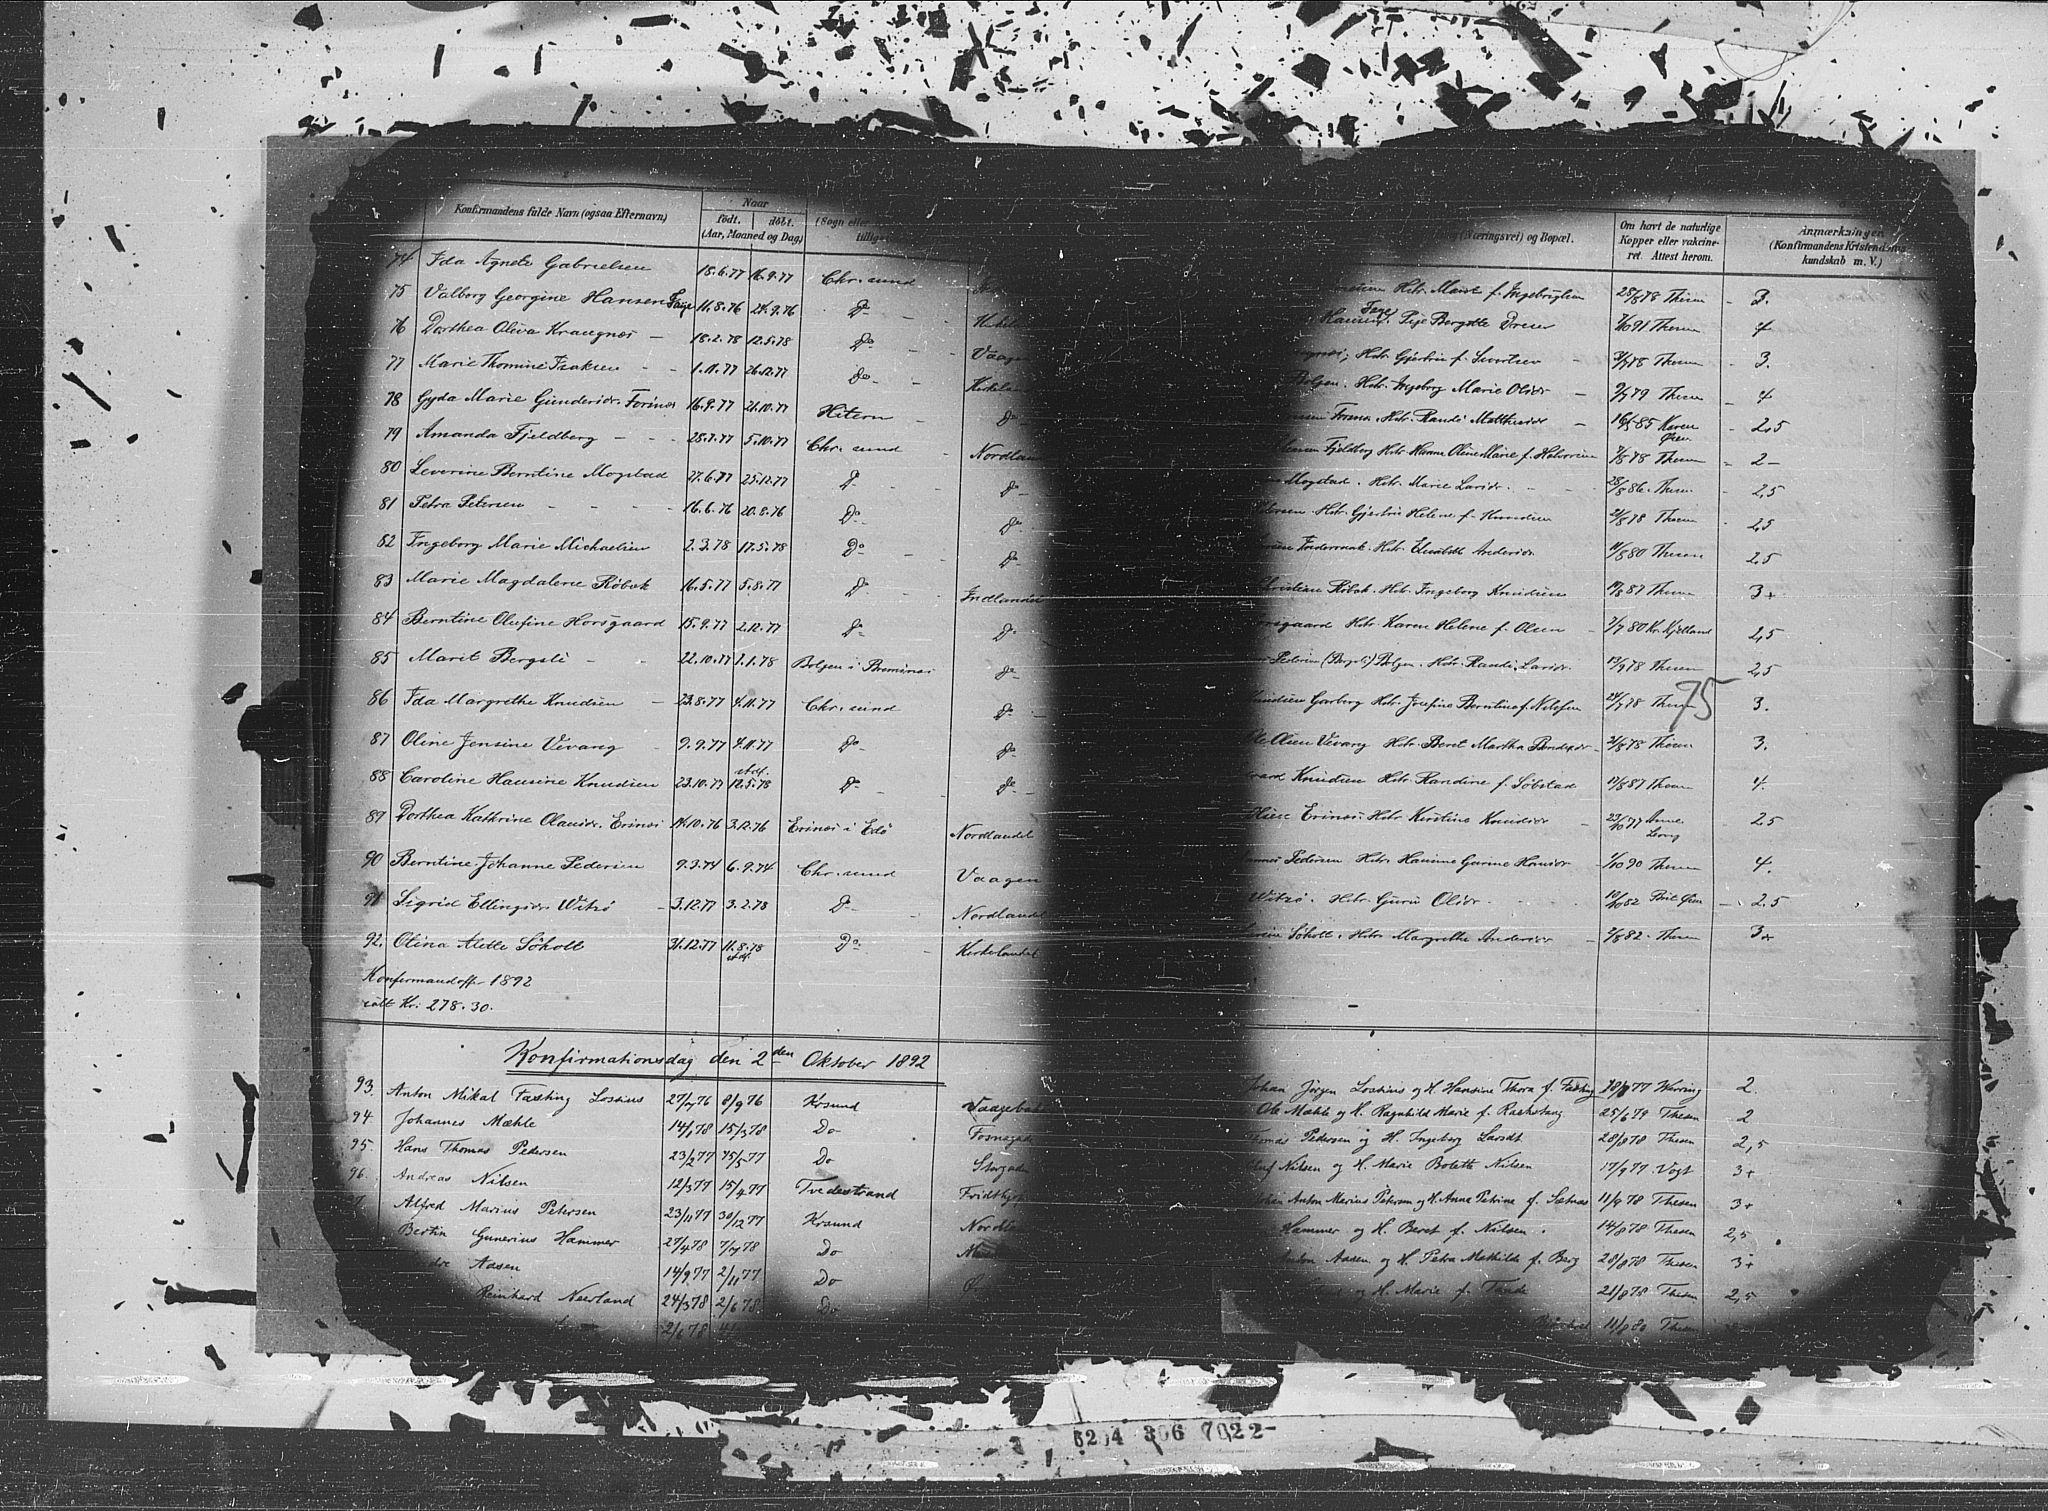 SAT, Ministerialprotokoller, klokkerbøker og fødselsregistre - Møre og Romsdal, 572/L0852: Ministerialbok nr. 572A15, 1880-1900, s. 75